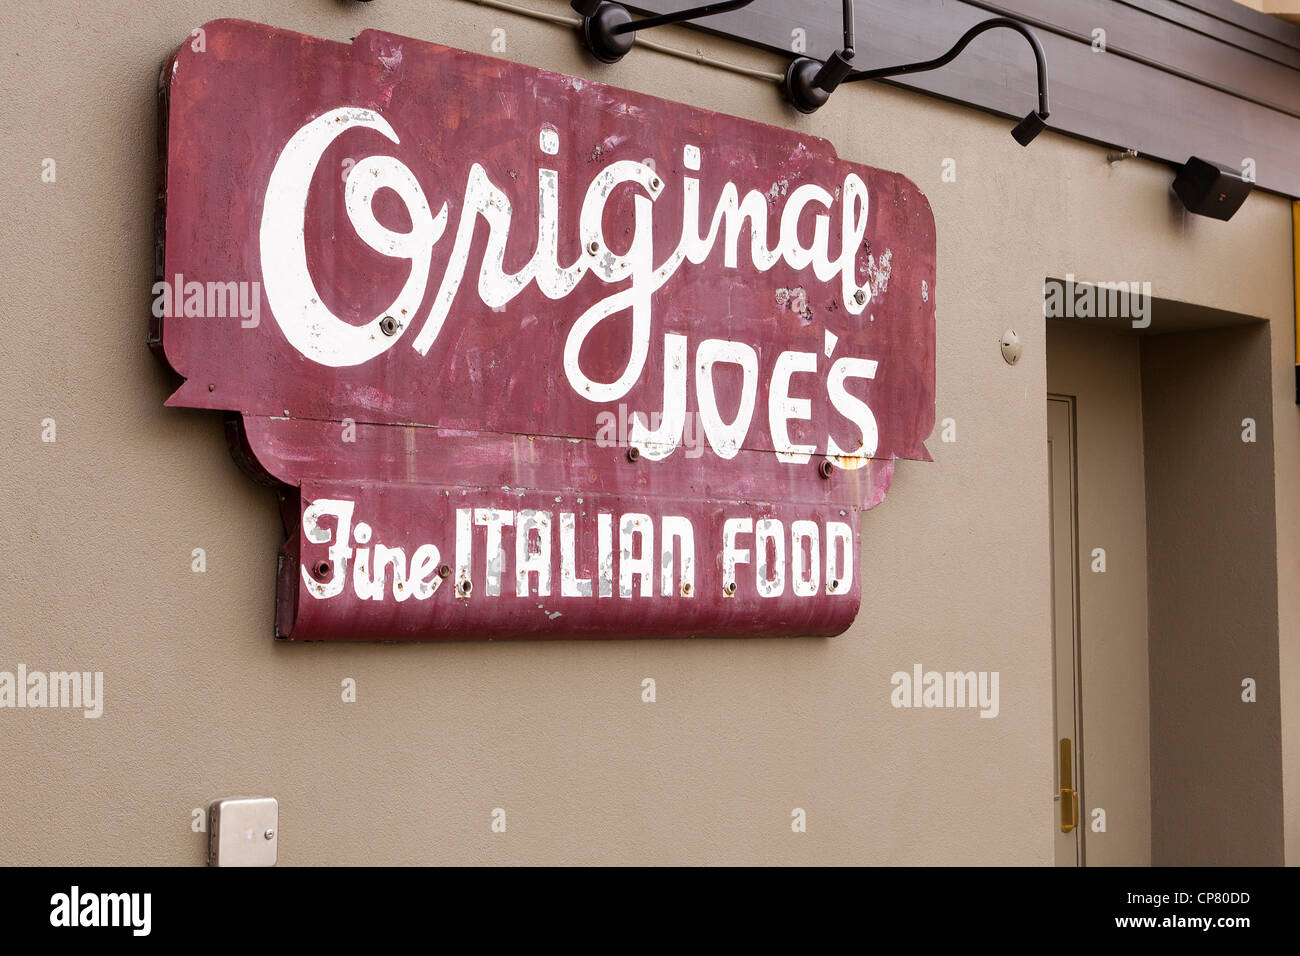 Originale di Joe's ristorante italiano antico segno - San Francisco Immagini Stock